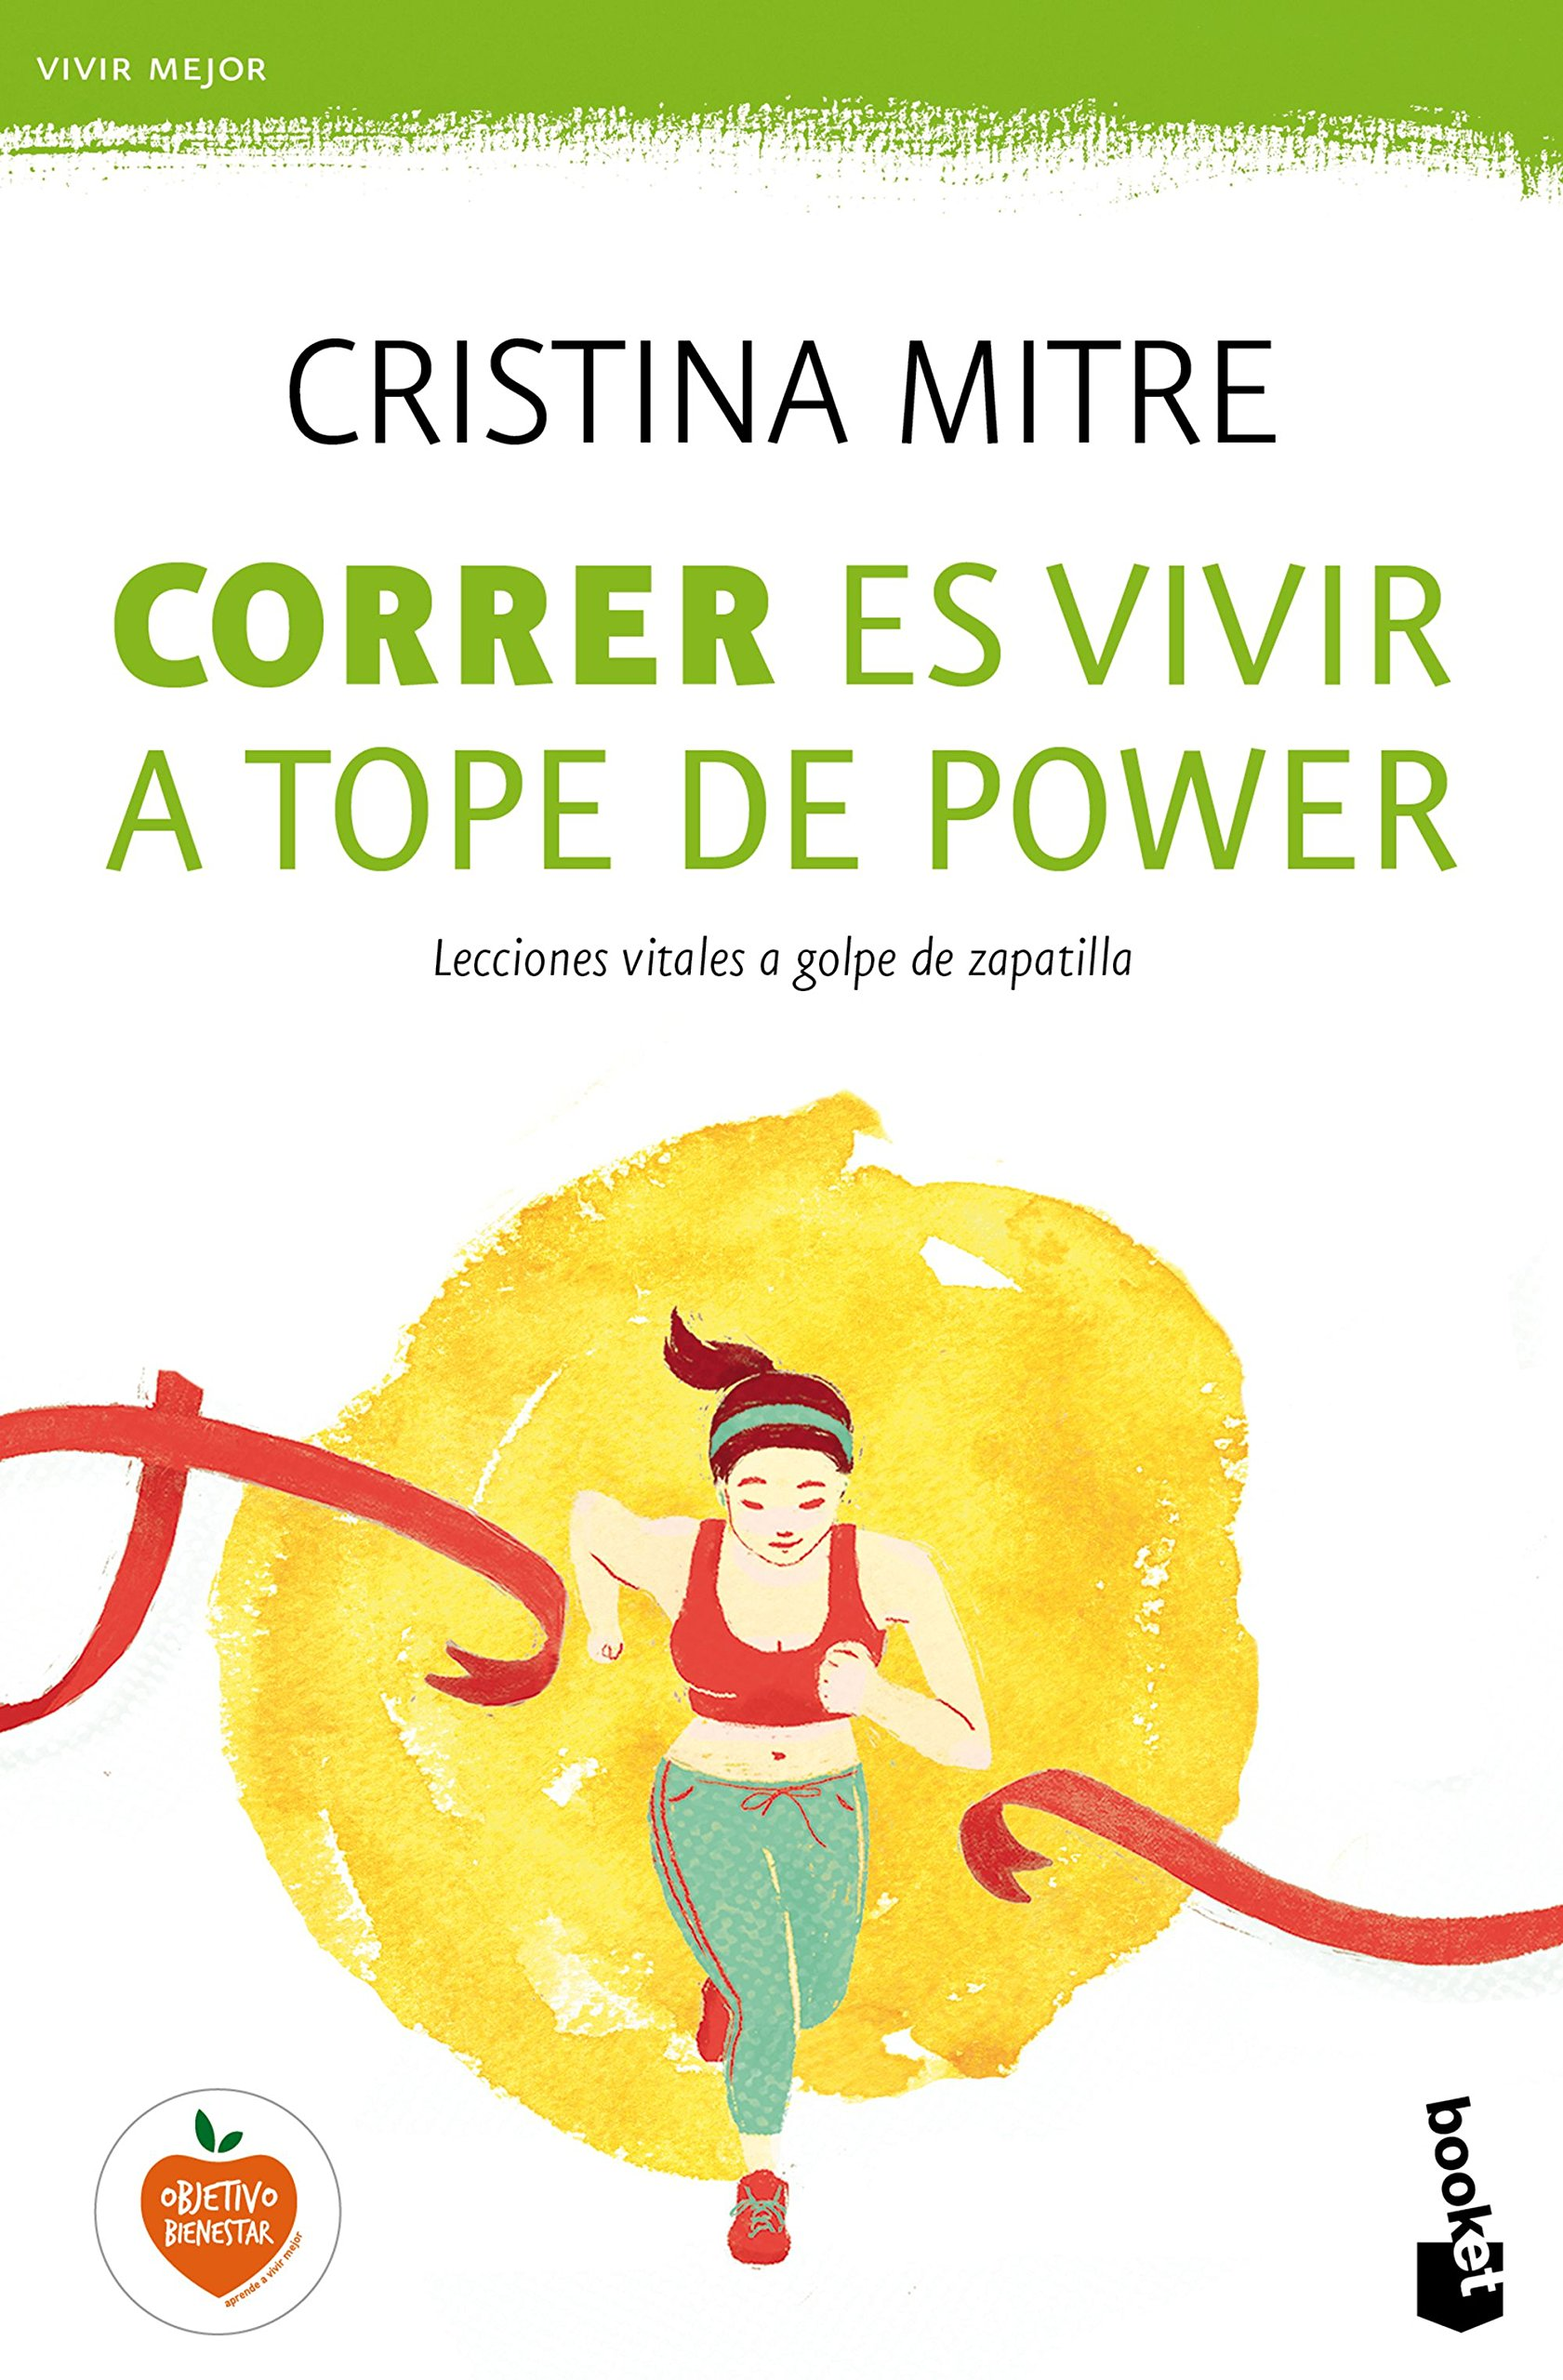 Correr es vivir a tope de power: lecciones vitales a golpe de zapatilla (Spanish) Paperback – January 19, 2017